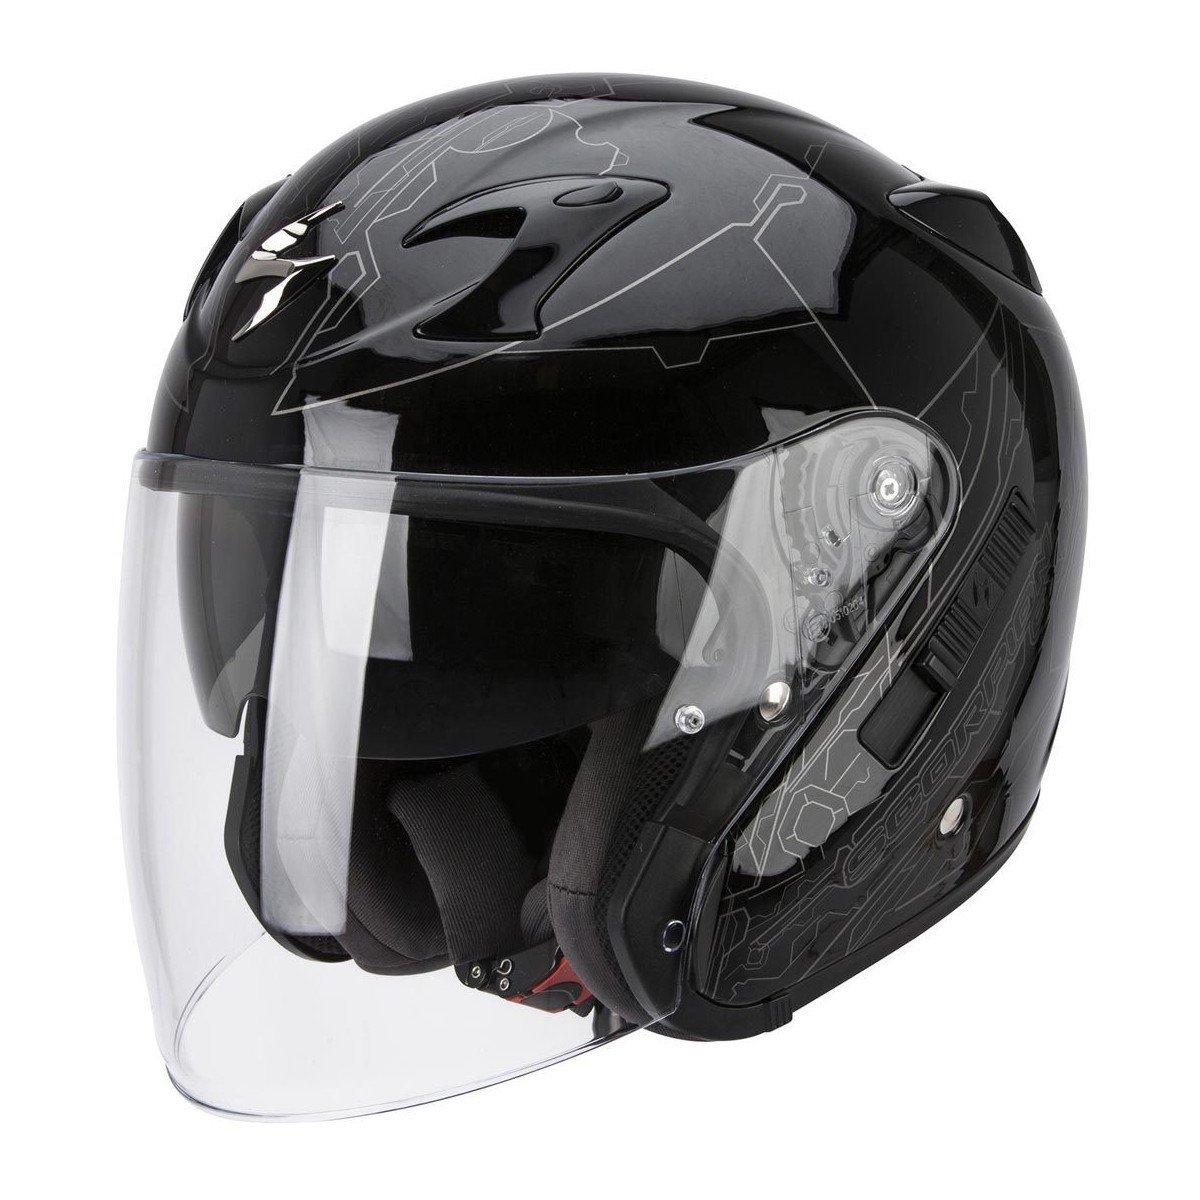 Scorpion EXO 220 Ion černá/stříbrná L (59/60)